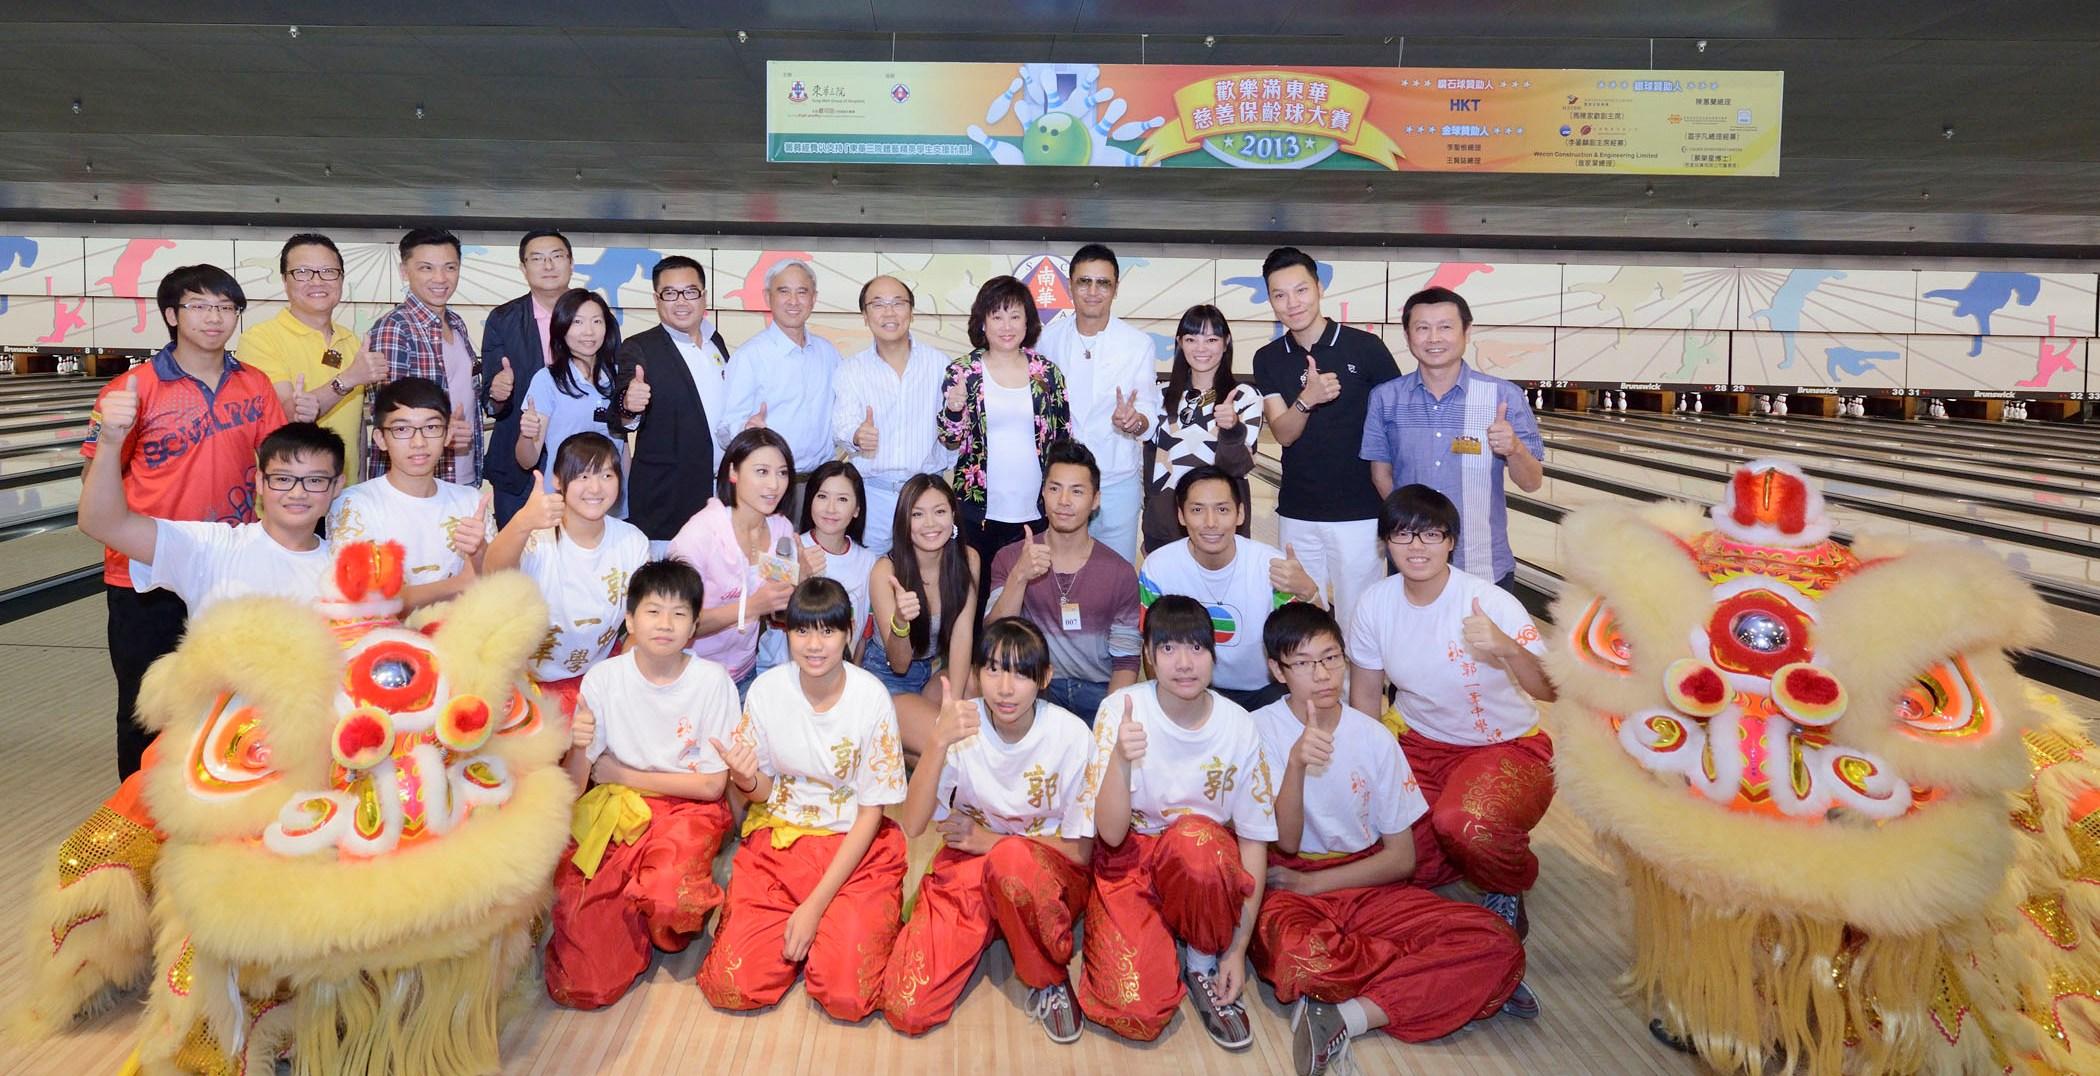 東華三院董事局成員與嘉賓,聯同電視廣播有限公司藝員出席「歡樂滿東華慈善保齡球大賽2013」。